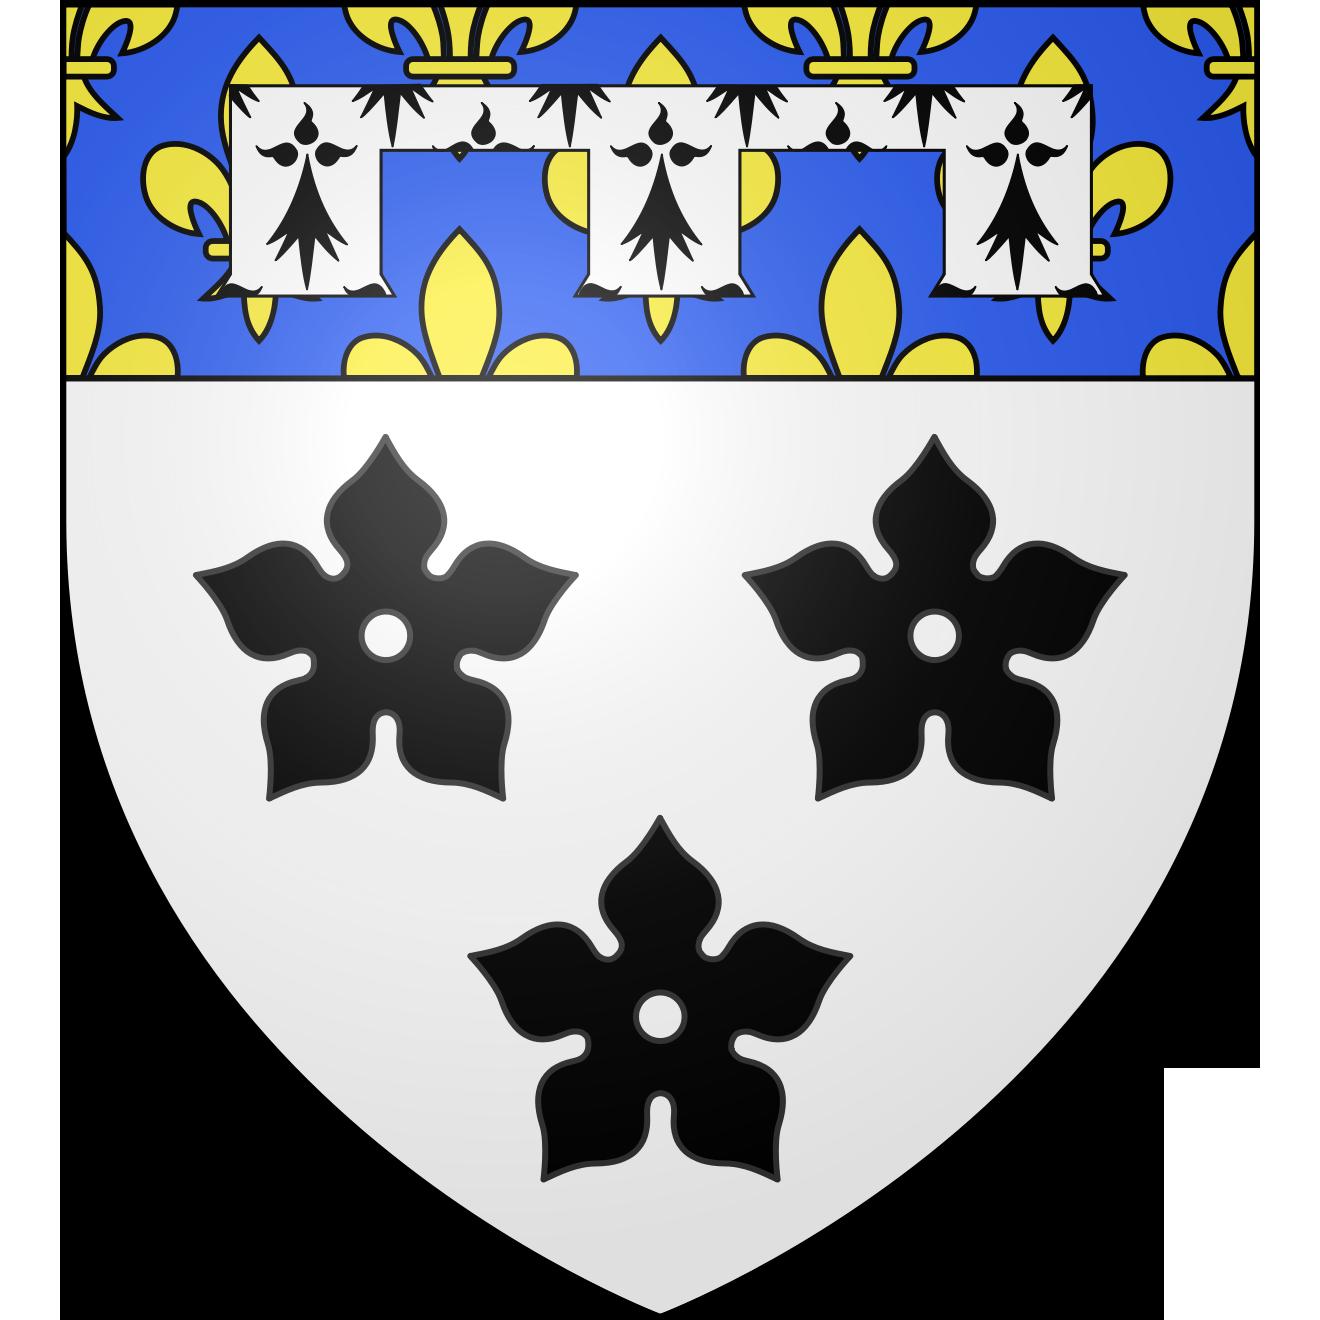 Guiry-en-vexin